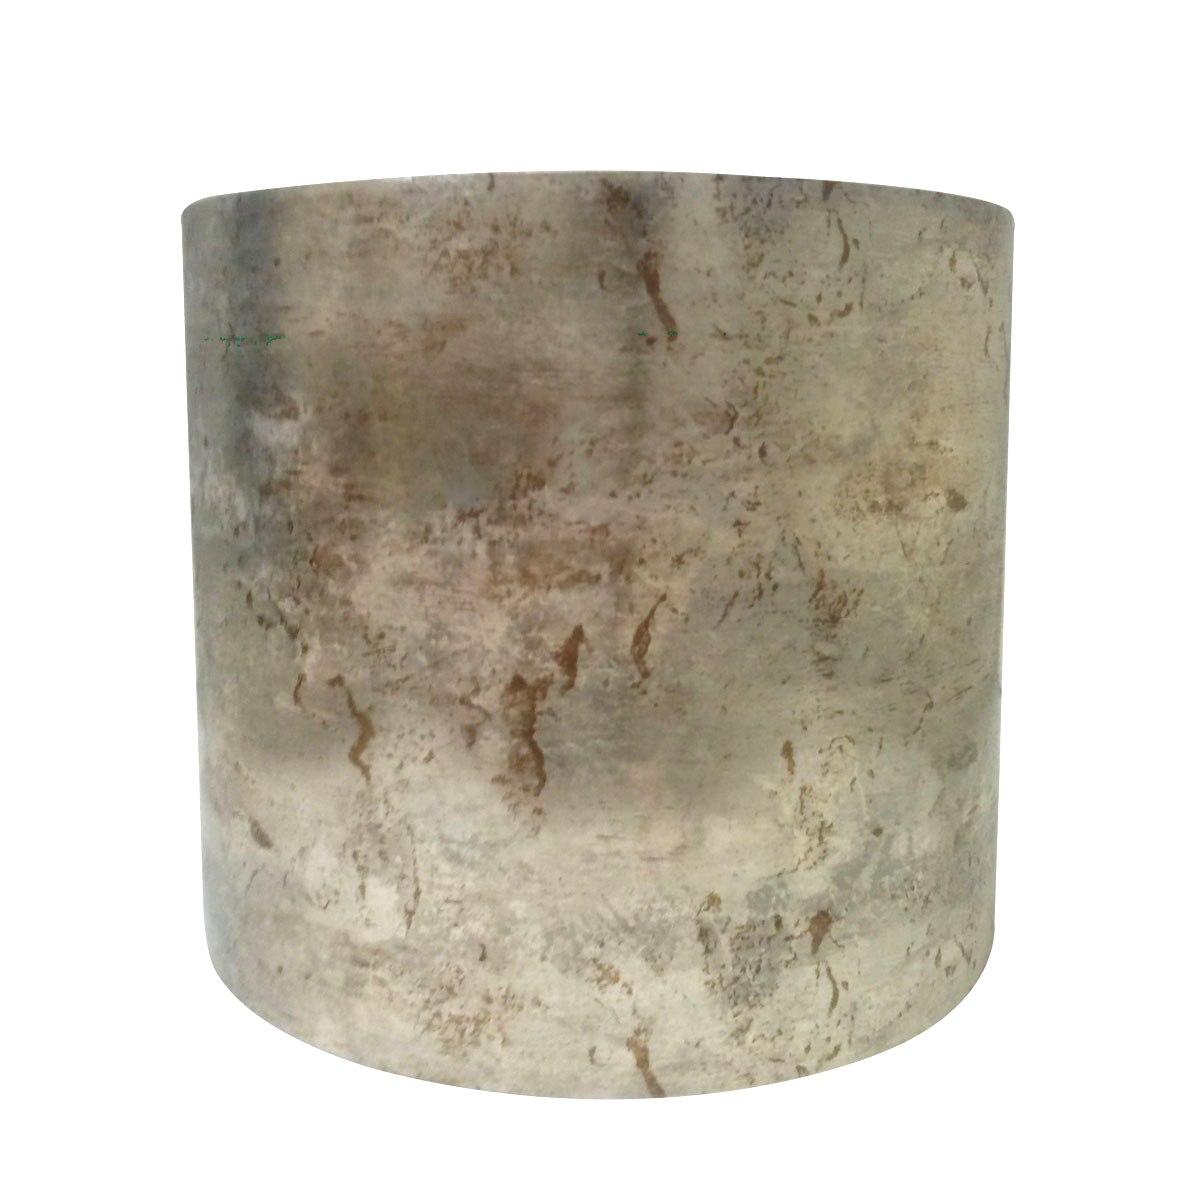 Горшок для цветов Miolla Мрамор светлый, со скрытым поддоном, 1,7 лZ-0307Декоративный горшок для цветов Miolla Мрамор светлый выполнен из прочного полипропилена c 3D рисунком. Хорошо будет смотреться как основа для топиариев и флористических композиций. Также замечательно подходит для комнатных цветов. Горшок снабжен скрытым поддоном.